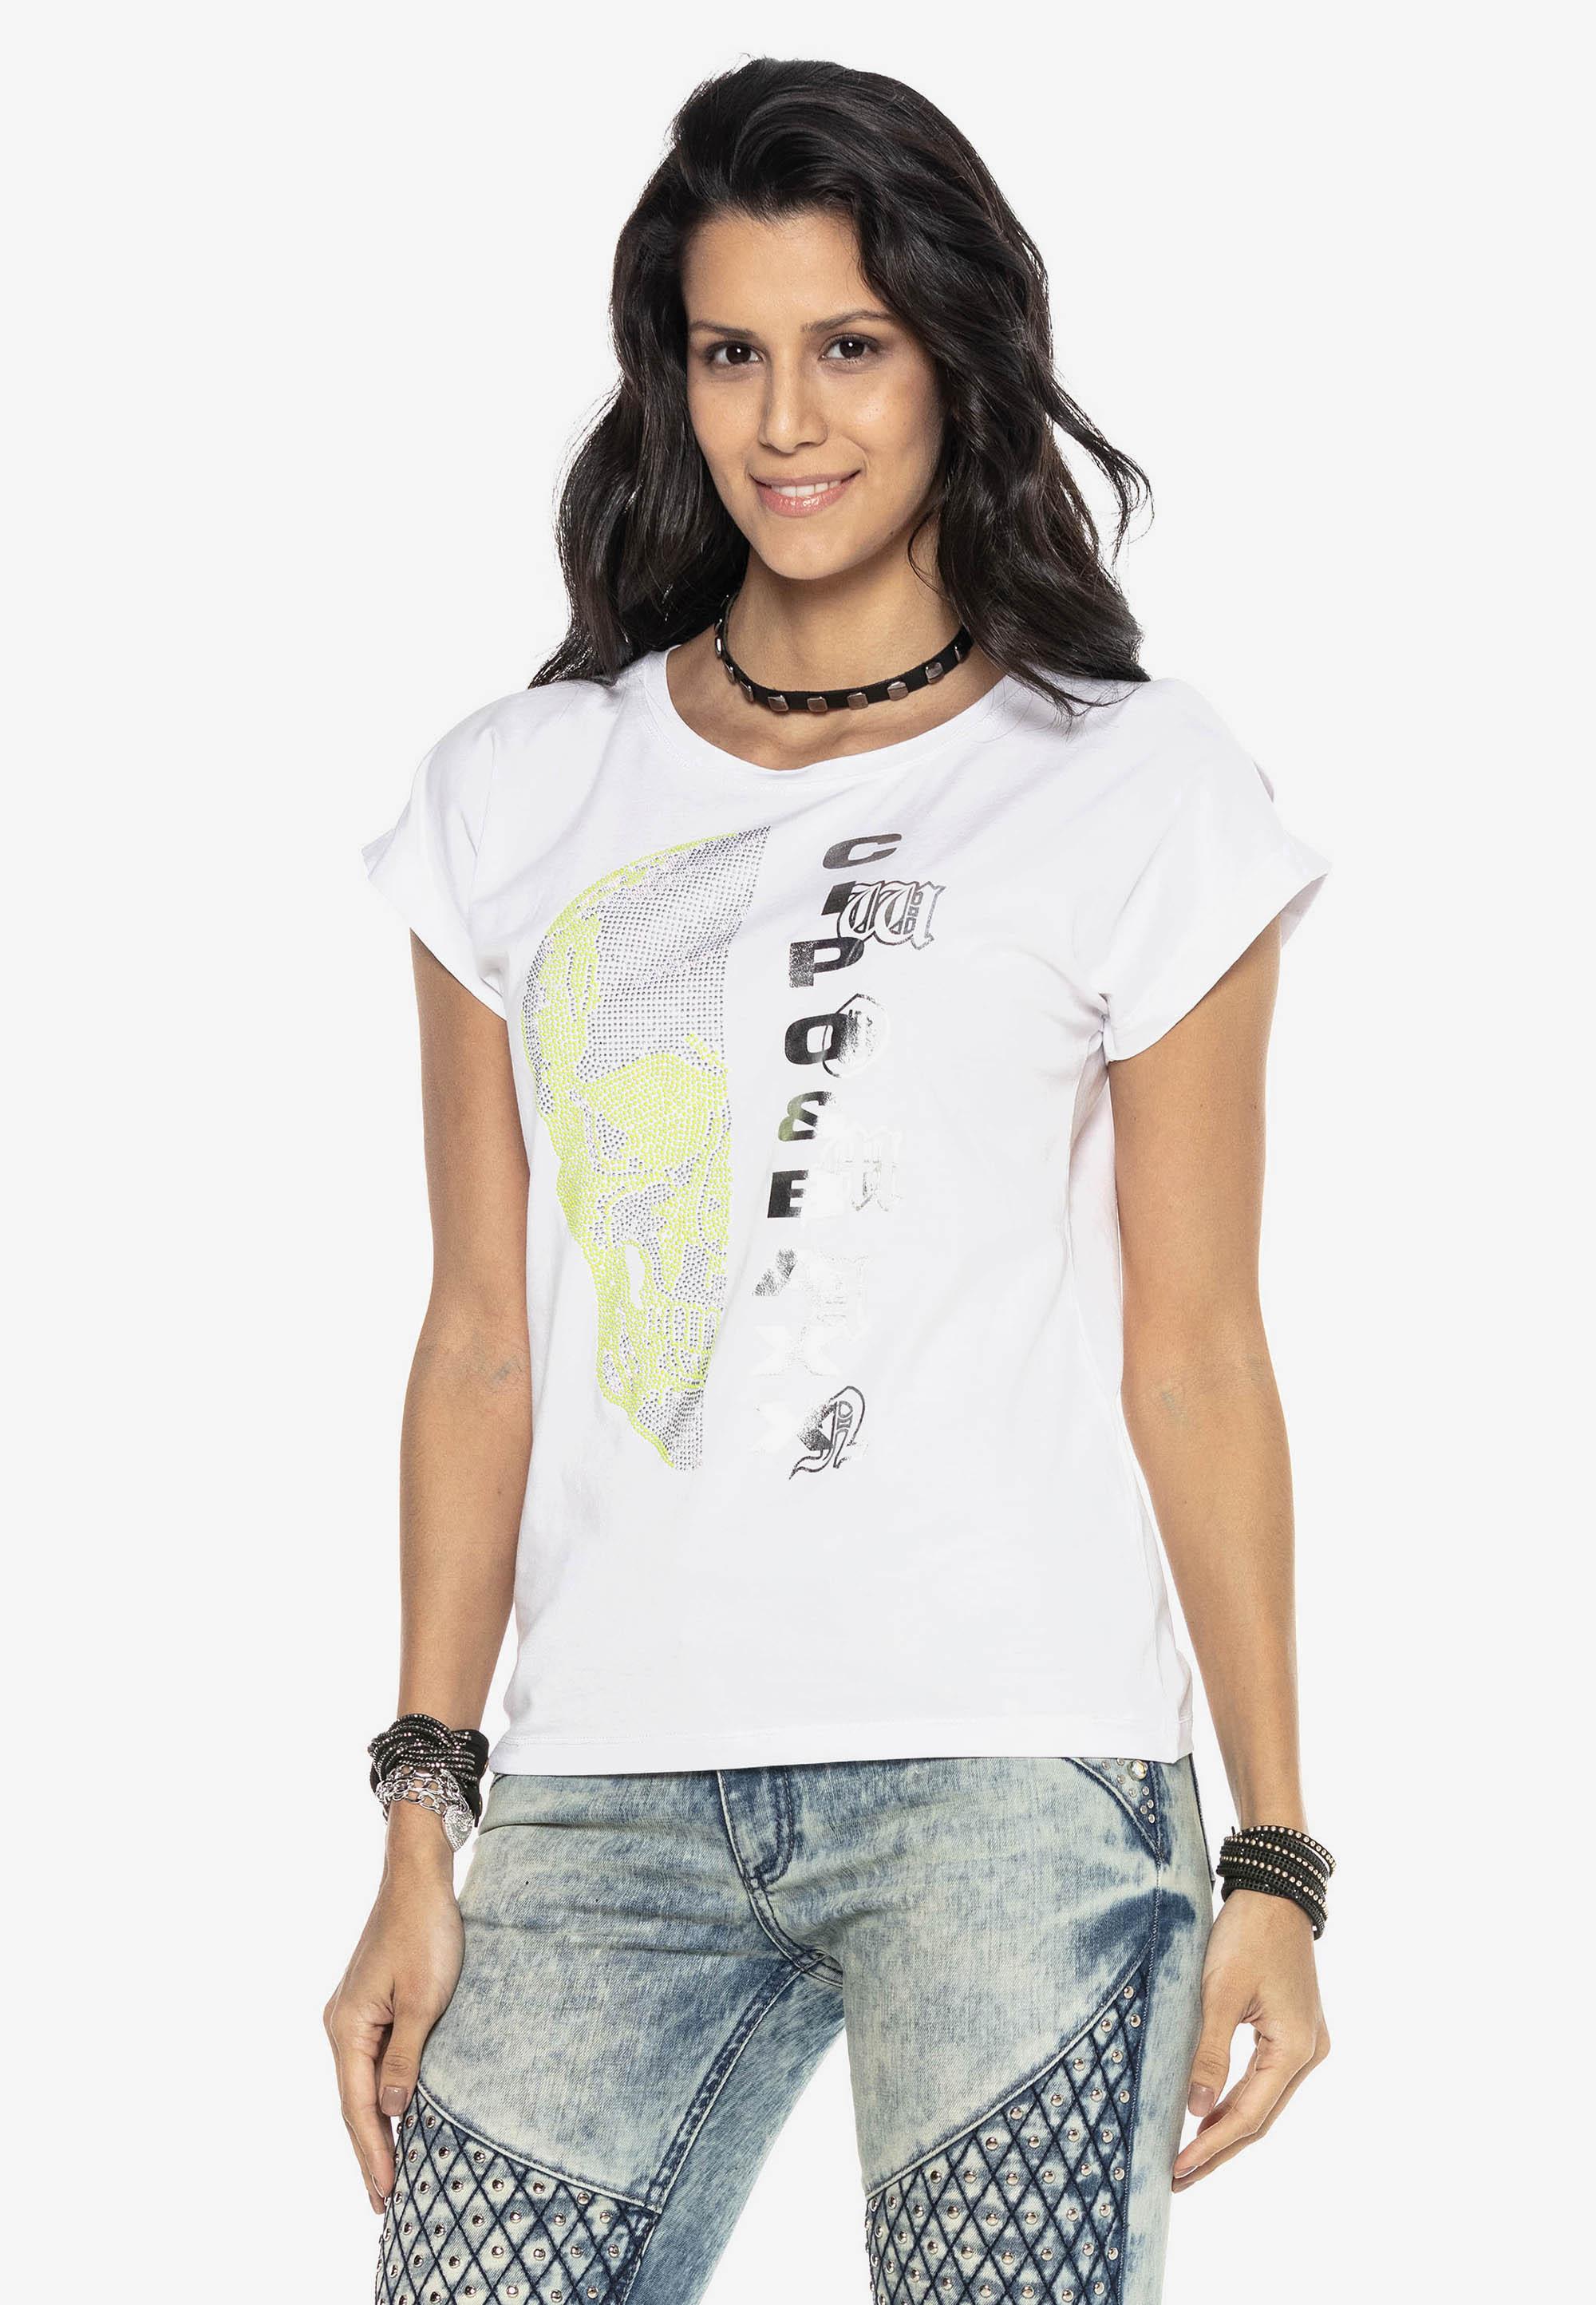 Cipo & Baxx T-Shirt in Weiss günstig kaufen